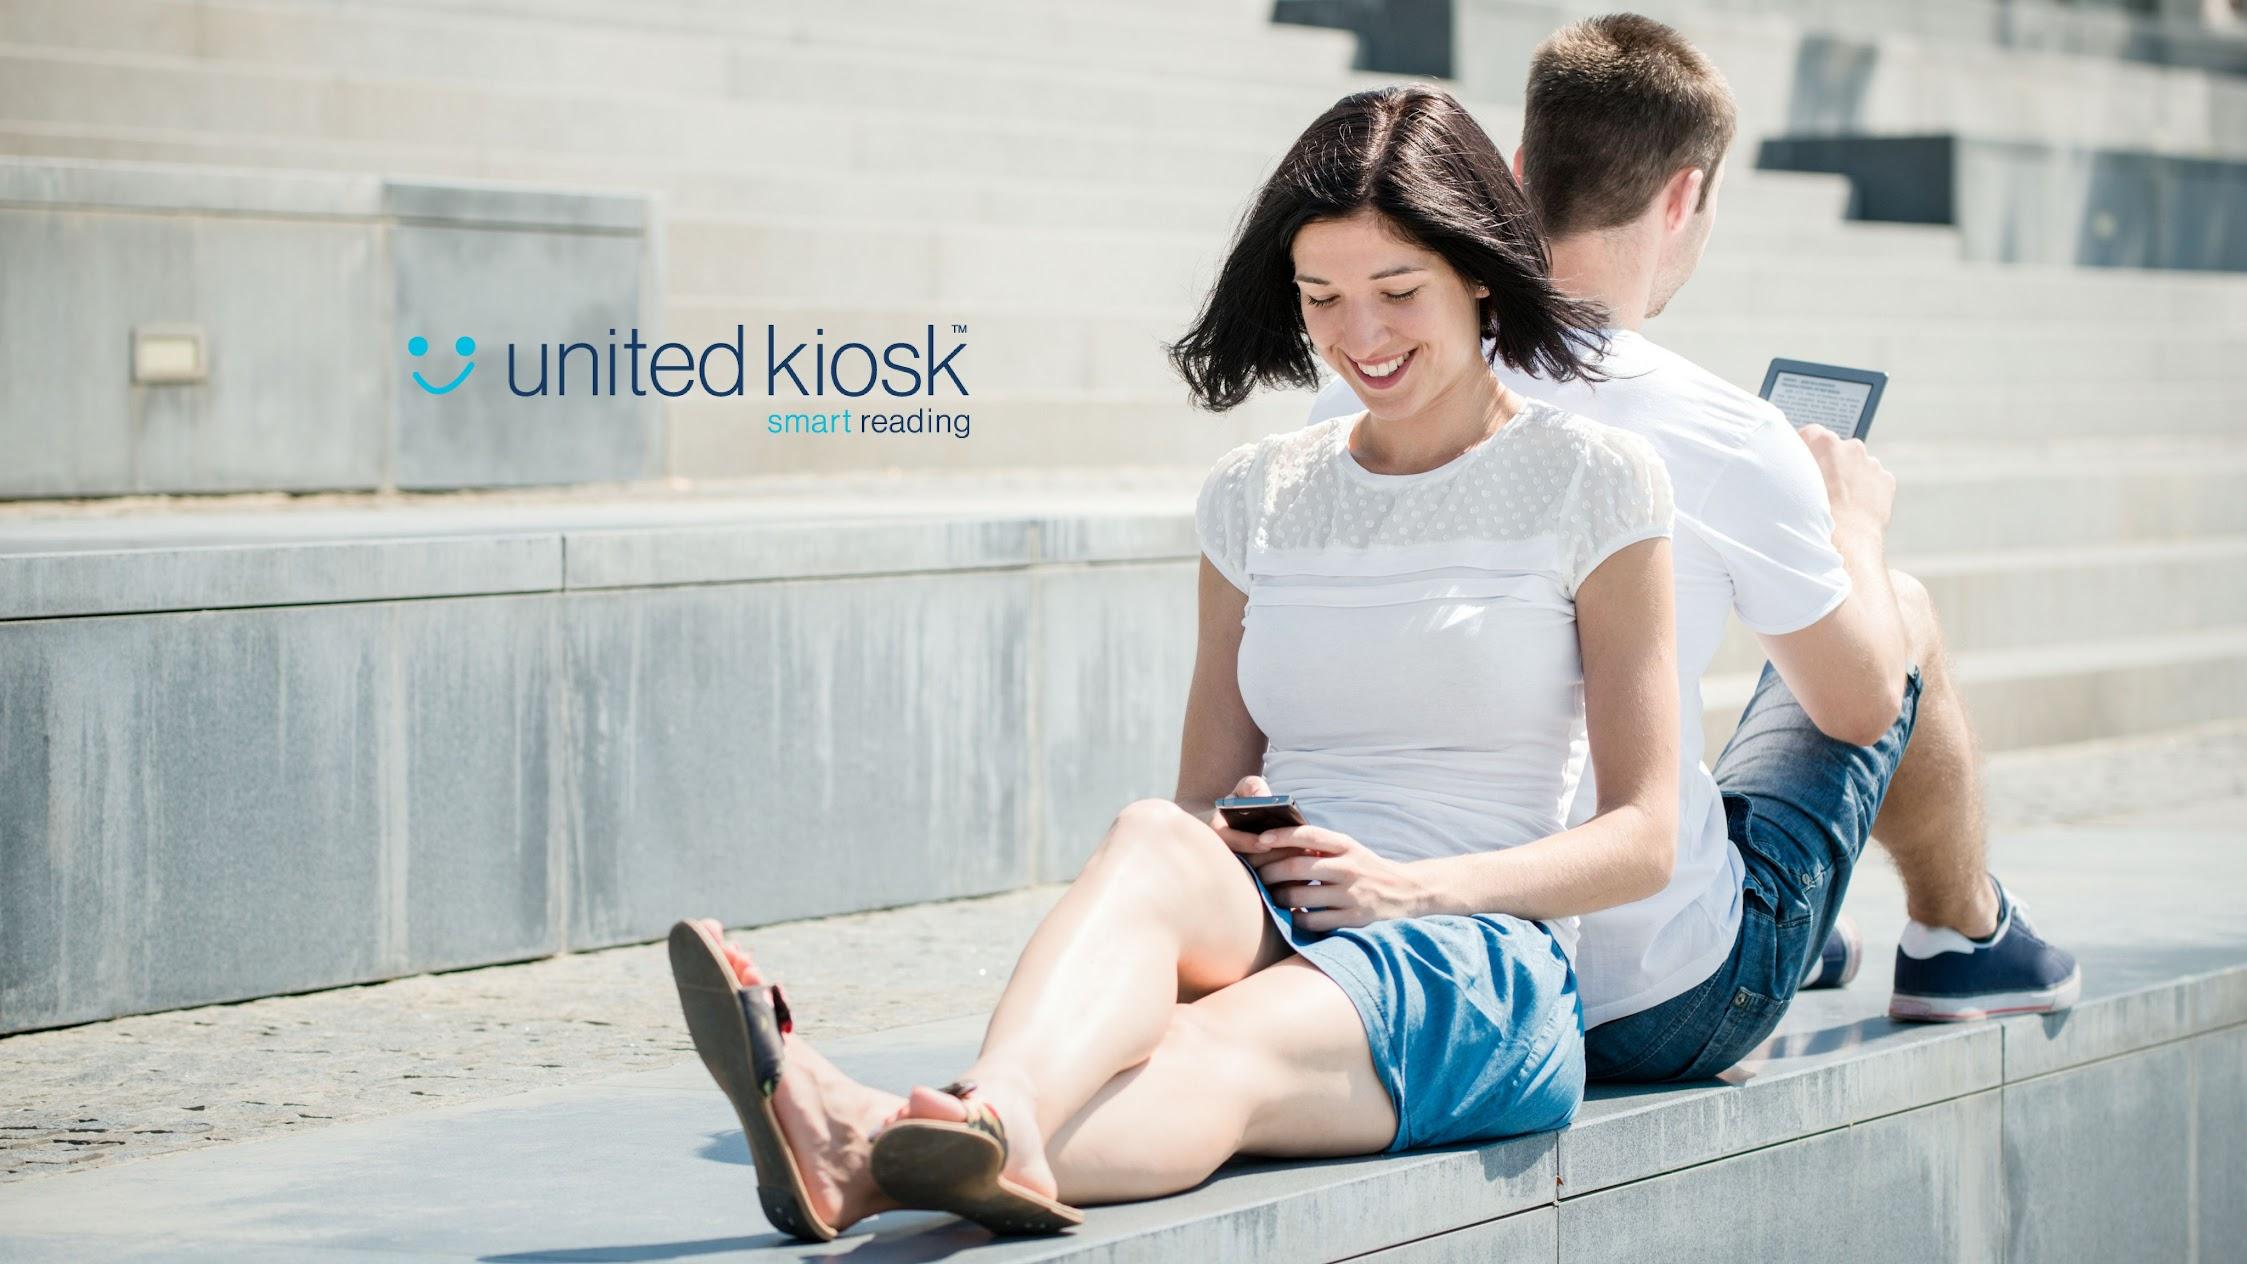 United Kiosk AG